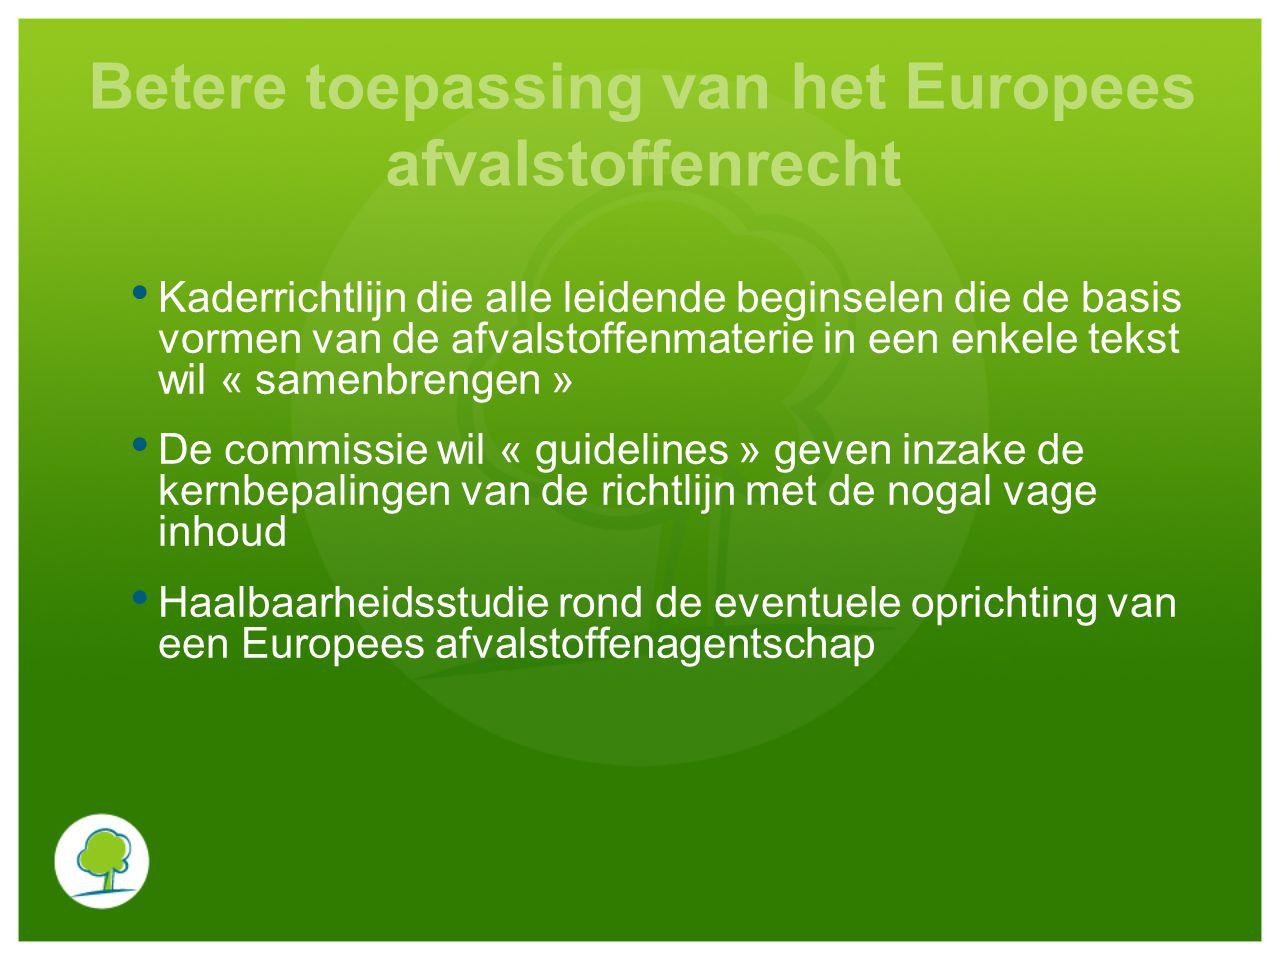 Betere toepassing van het Europees afvalstoffenrecht Kaderrichtlijn die alle leidende beginselen die de basis vormen van de afvalstoffenmaterie in een enkele tekst wil « samenbrengen » De commissie wil « guidelines » geven inzake de kernbepalingen van de richtlijn met de nogal vage inhoud Haalbaarheidsstudie rond de eventuele oprichting van een Europees afvalstoffenagentschap